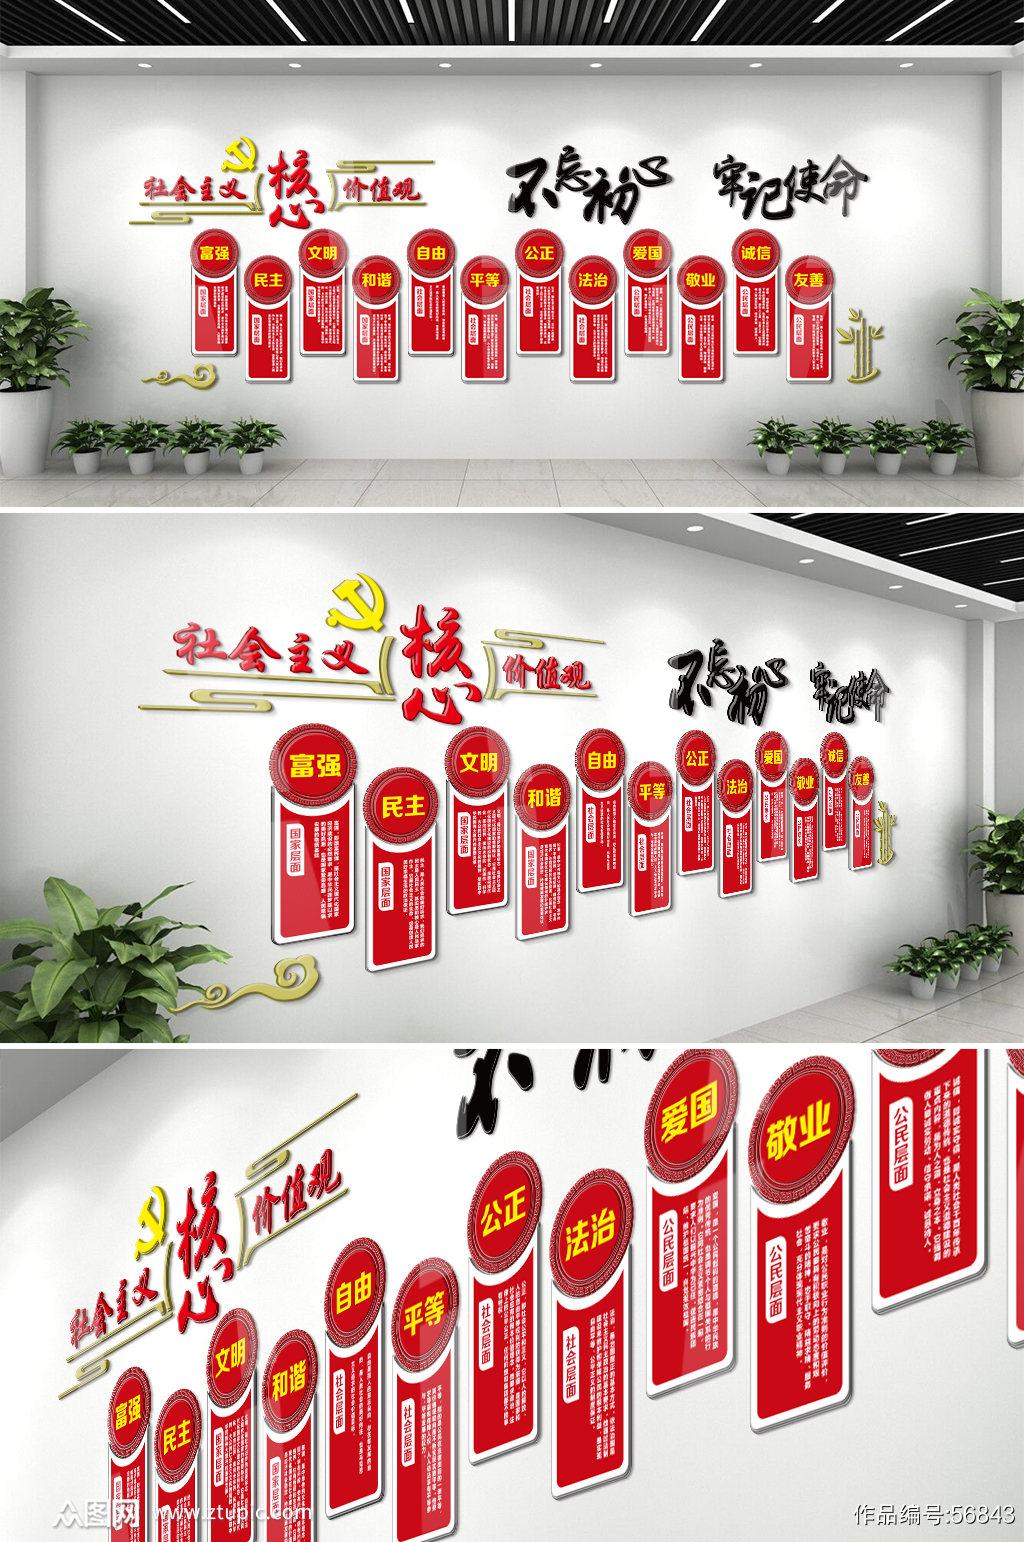 社会主义核心价值观文化墙素材